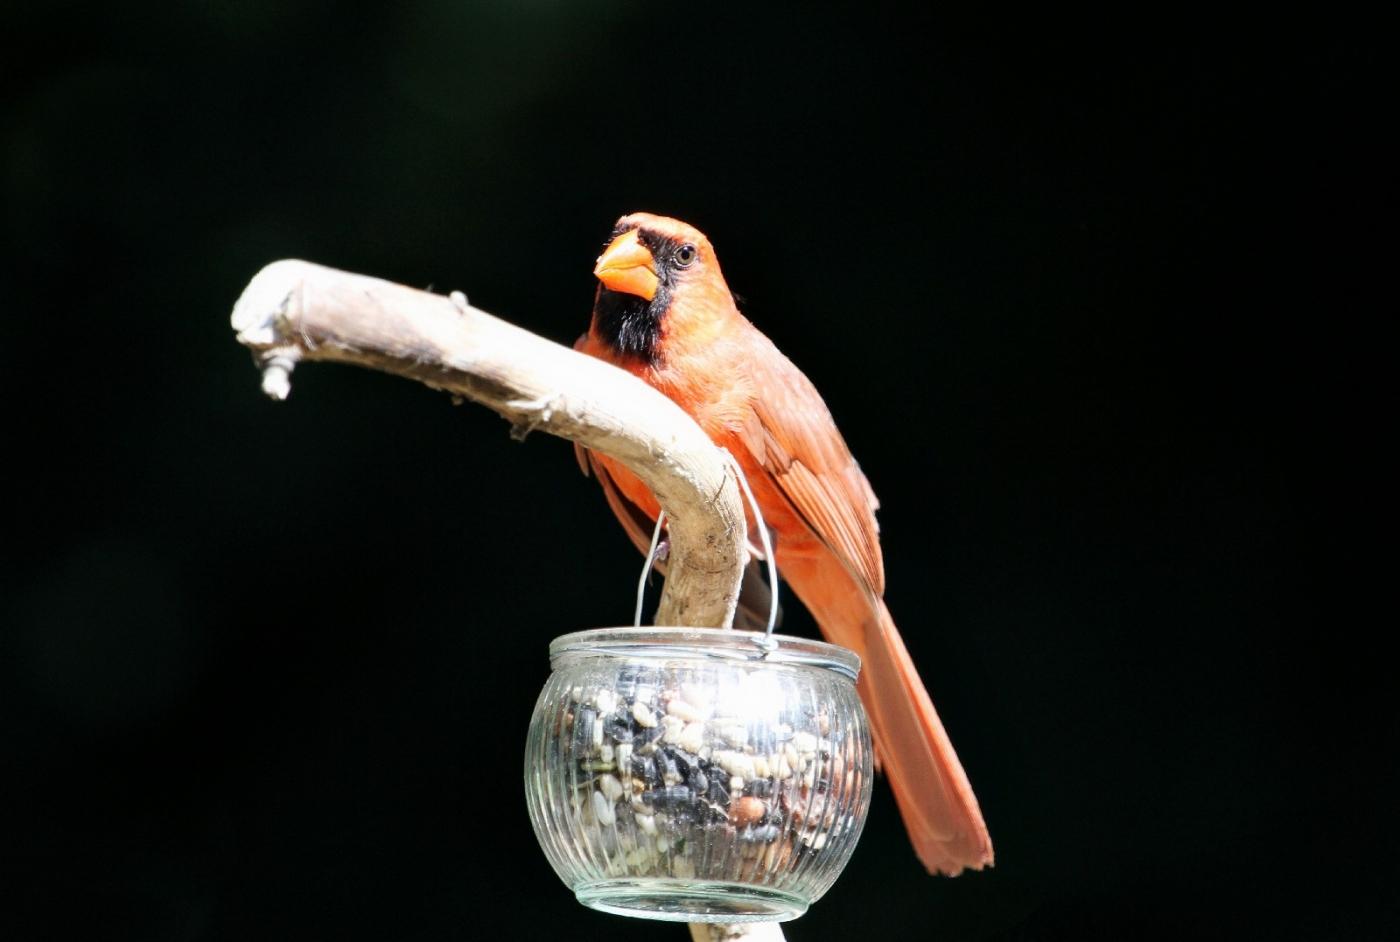 【田螺摄影】做个漂亮的喂鸟器更吸引红衣主教_图1-7